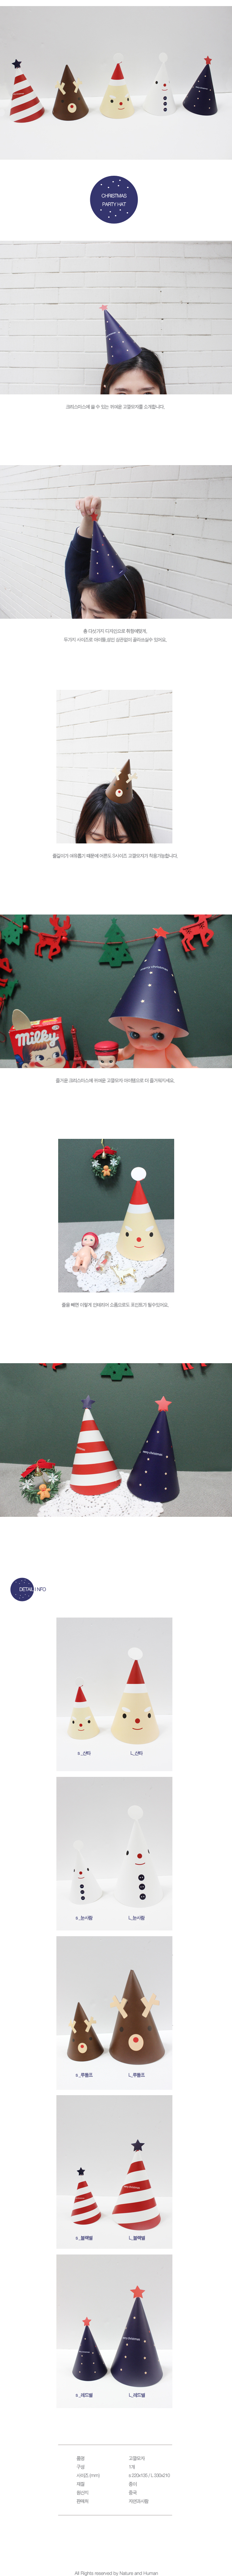 크리스마스 고깔모자 S L SIZE - 자연과사람, 1,000원, 파티의상/잡화, 모자/고깔